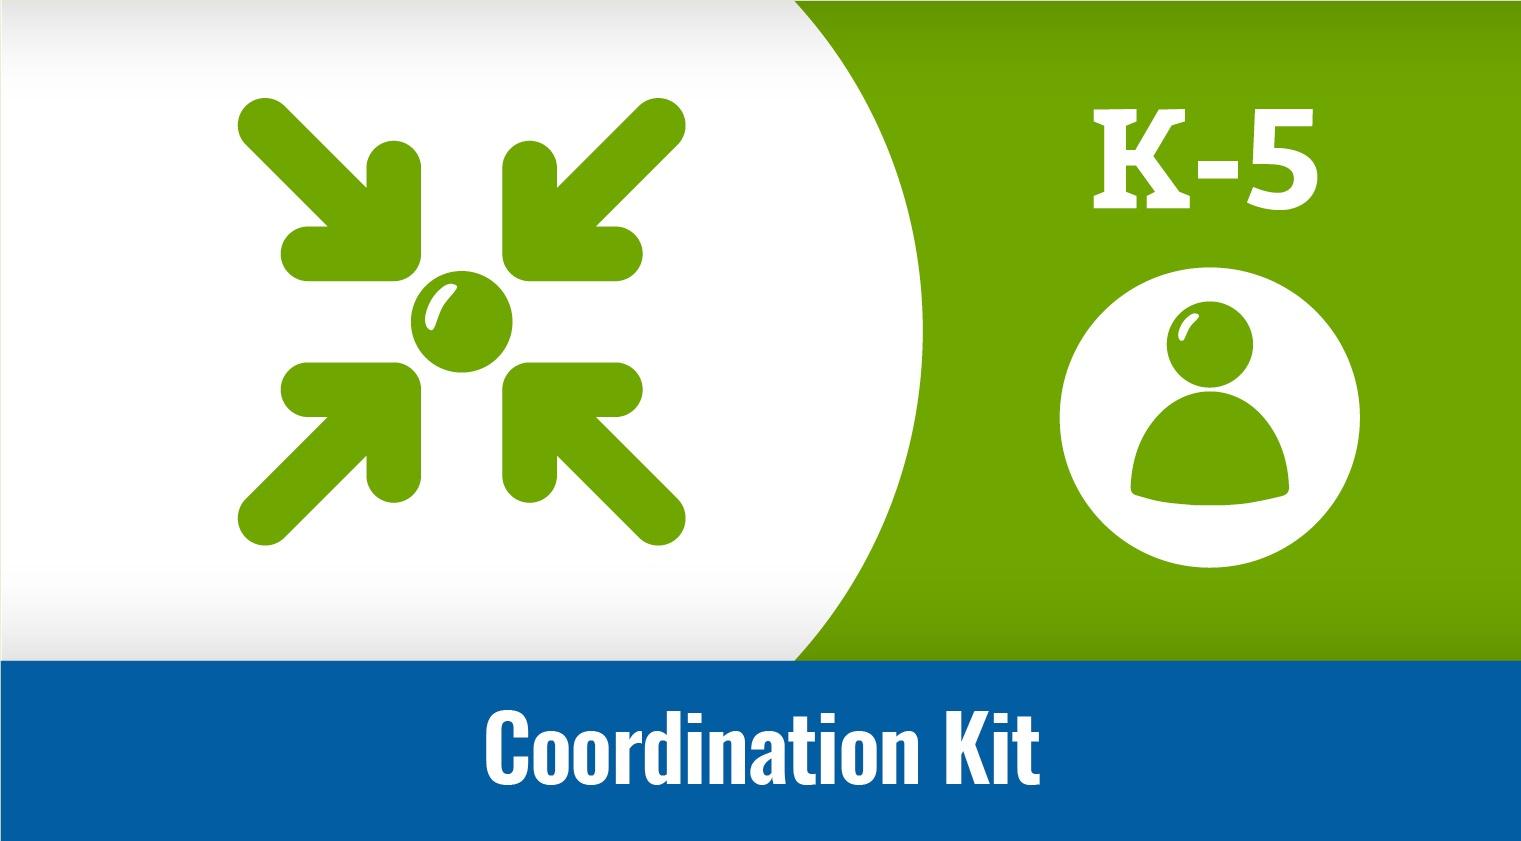 Coordination Kit (K-5) 9-Week: CATCH Champion & Team Resources